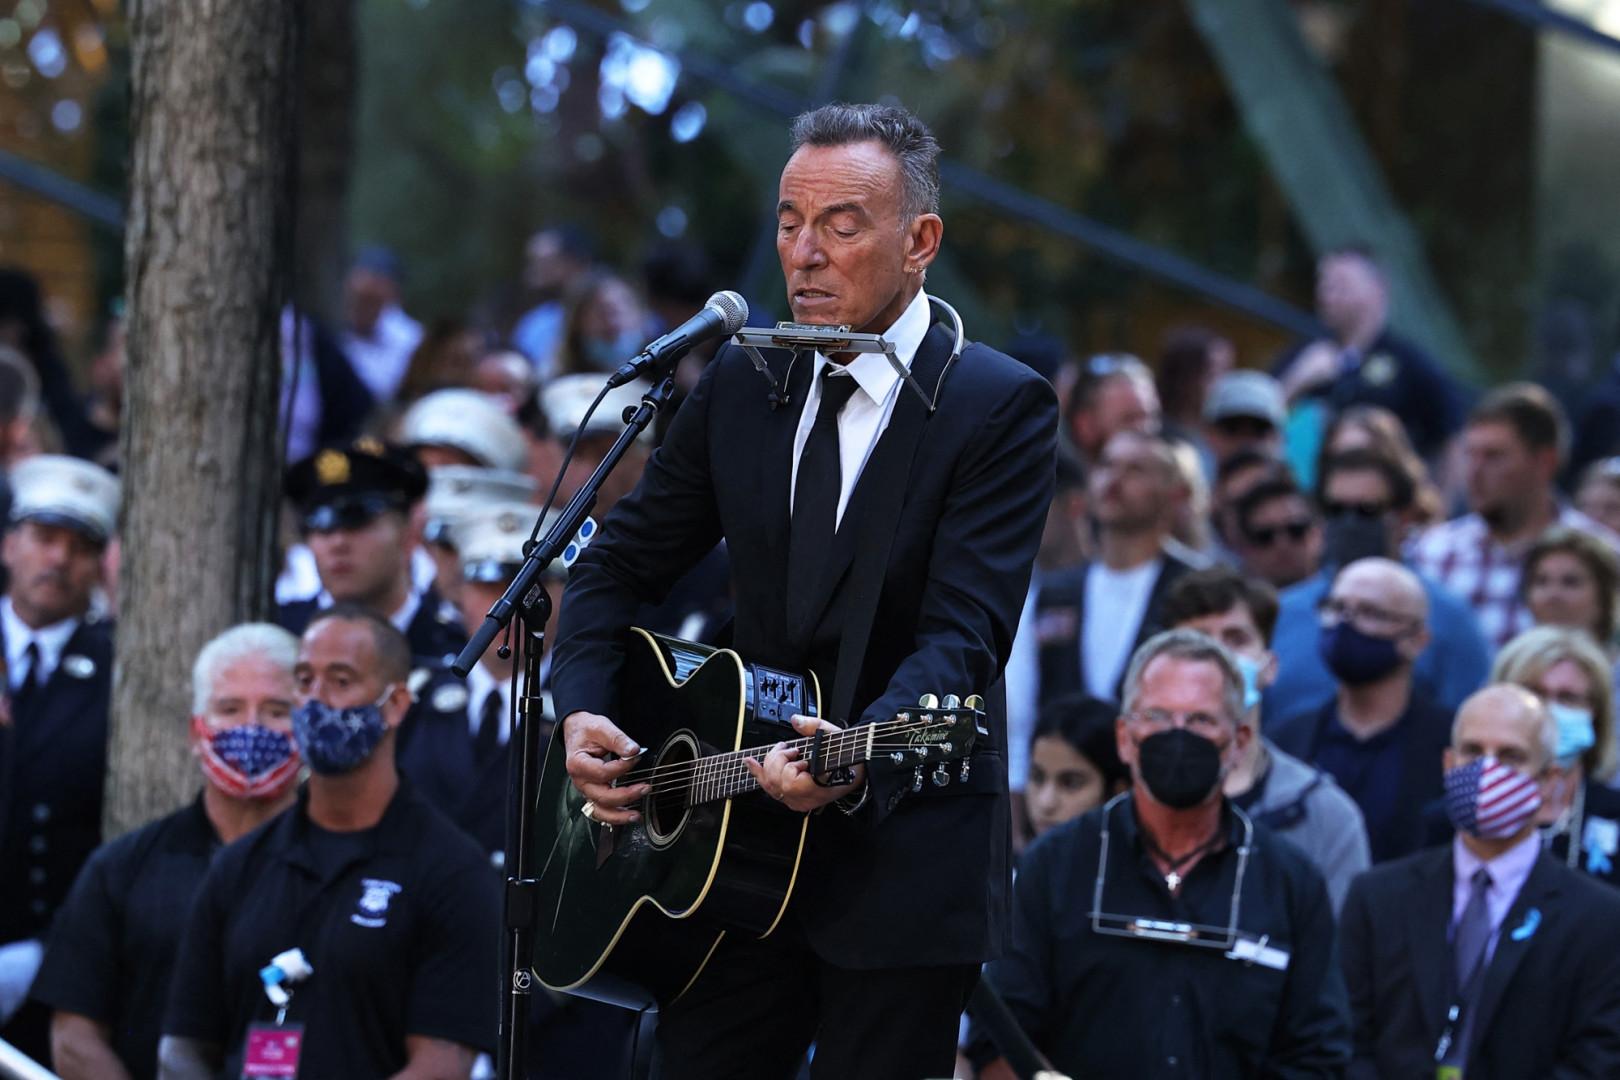 """Le chanteur Bruce Springsteen a interprété """"I'll see you in my dreams"""", en hommage aux victime des attentats"""